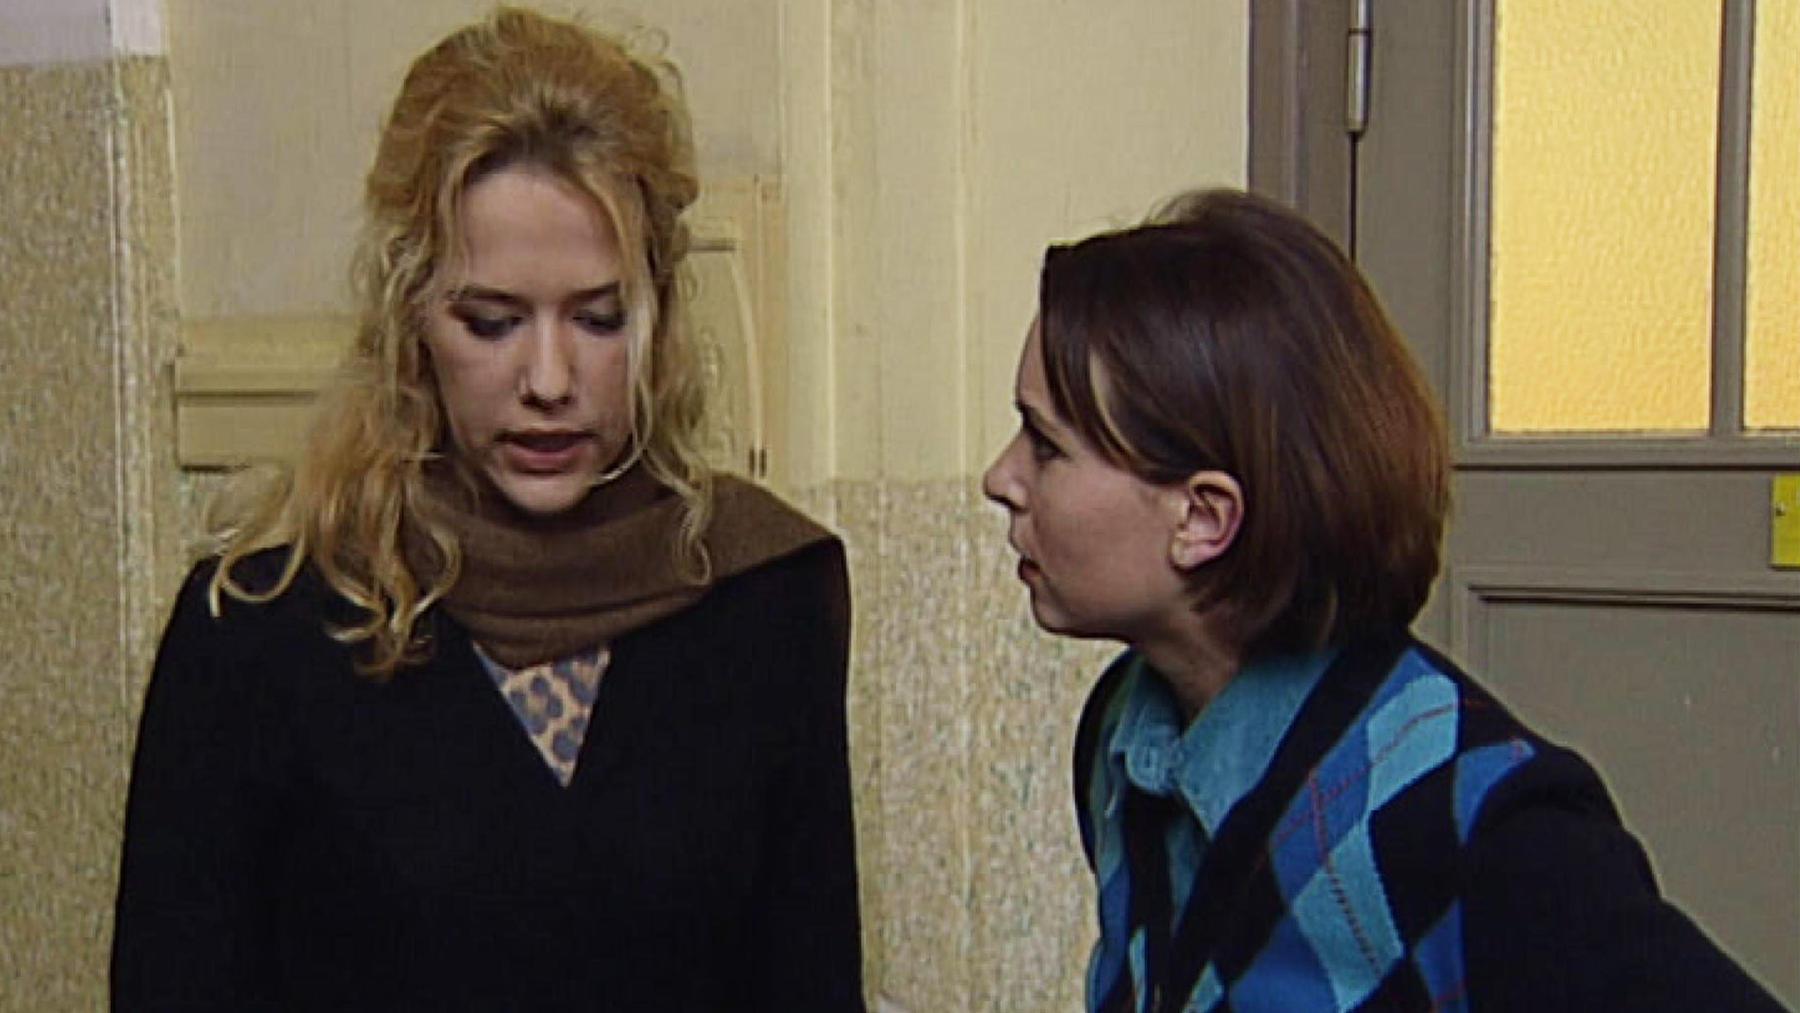 Nataly ärgert sich über Katjas Verhalten in der Schule